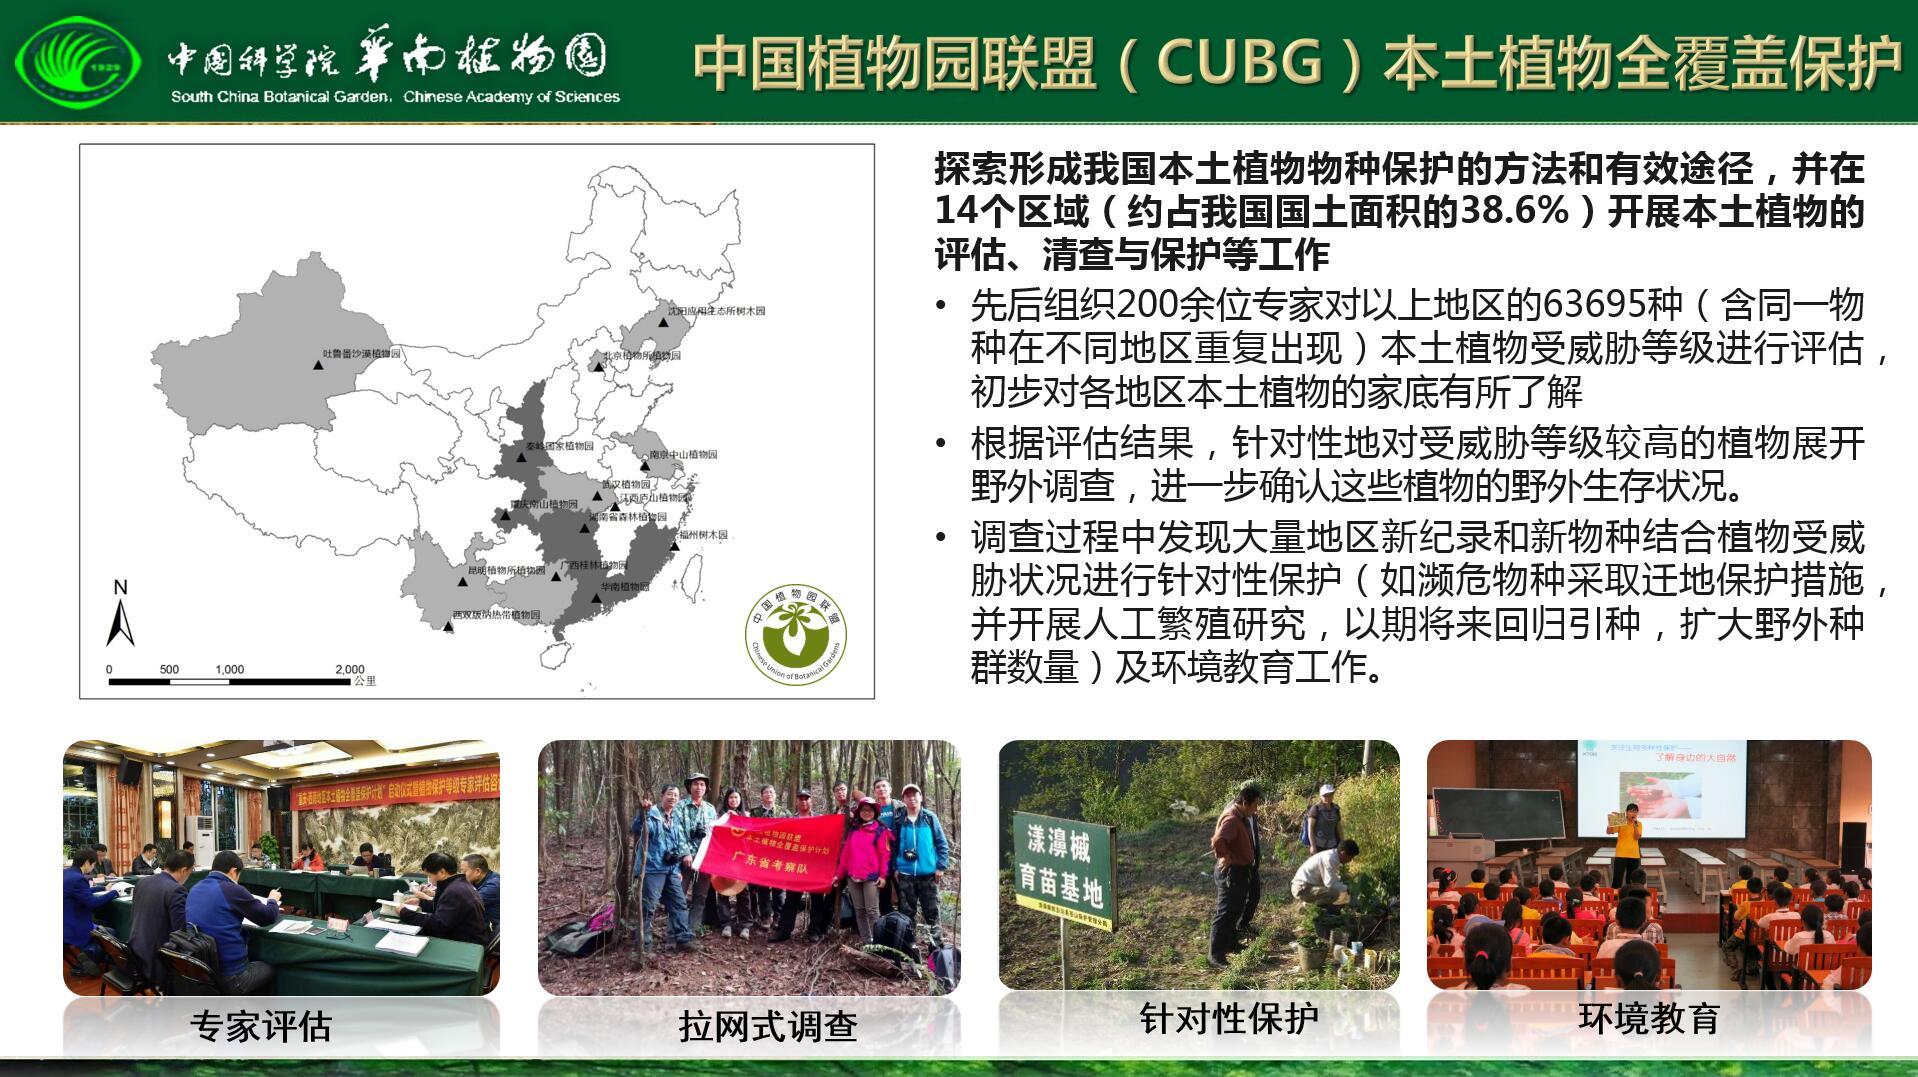 图7-4 中国本土植物全覆盖保护.jpg